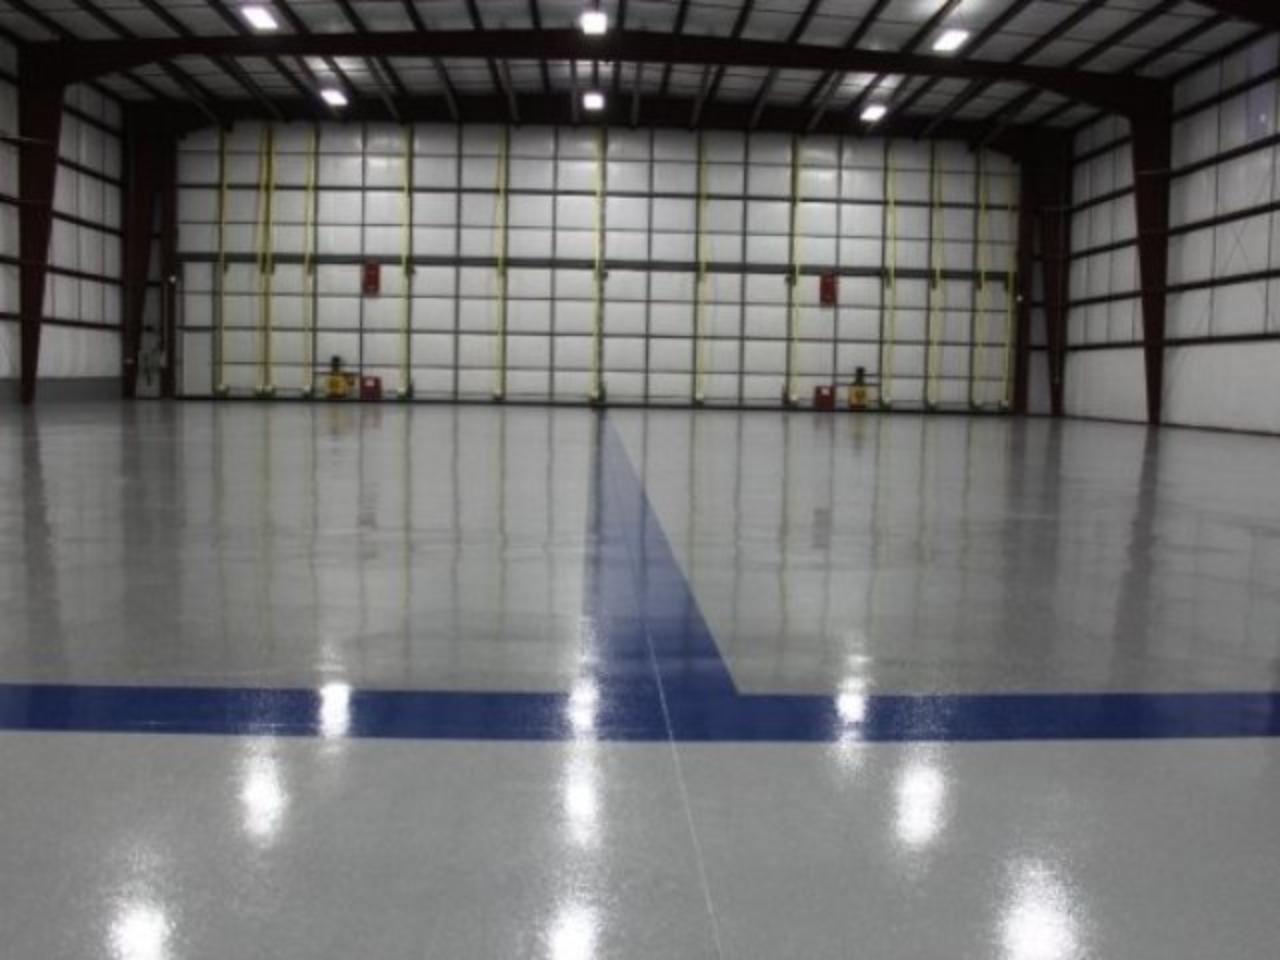 Hangar-floor-caoting-after-2-640x480_c-1-1280x960_c